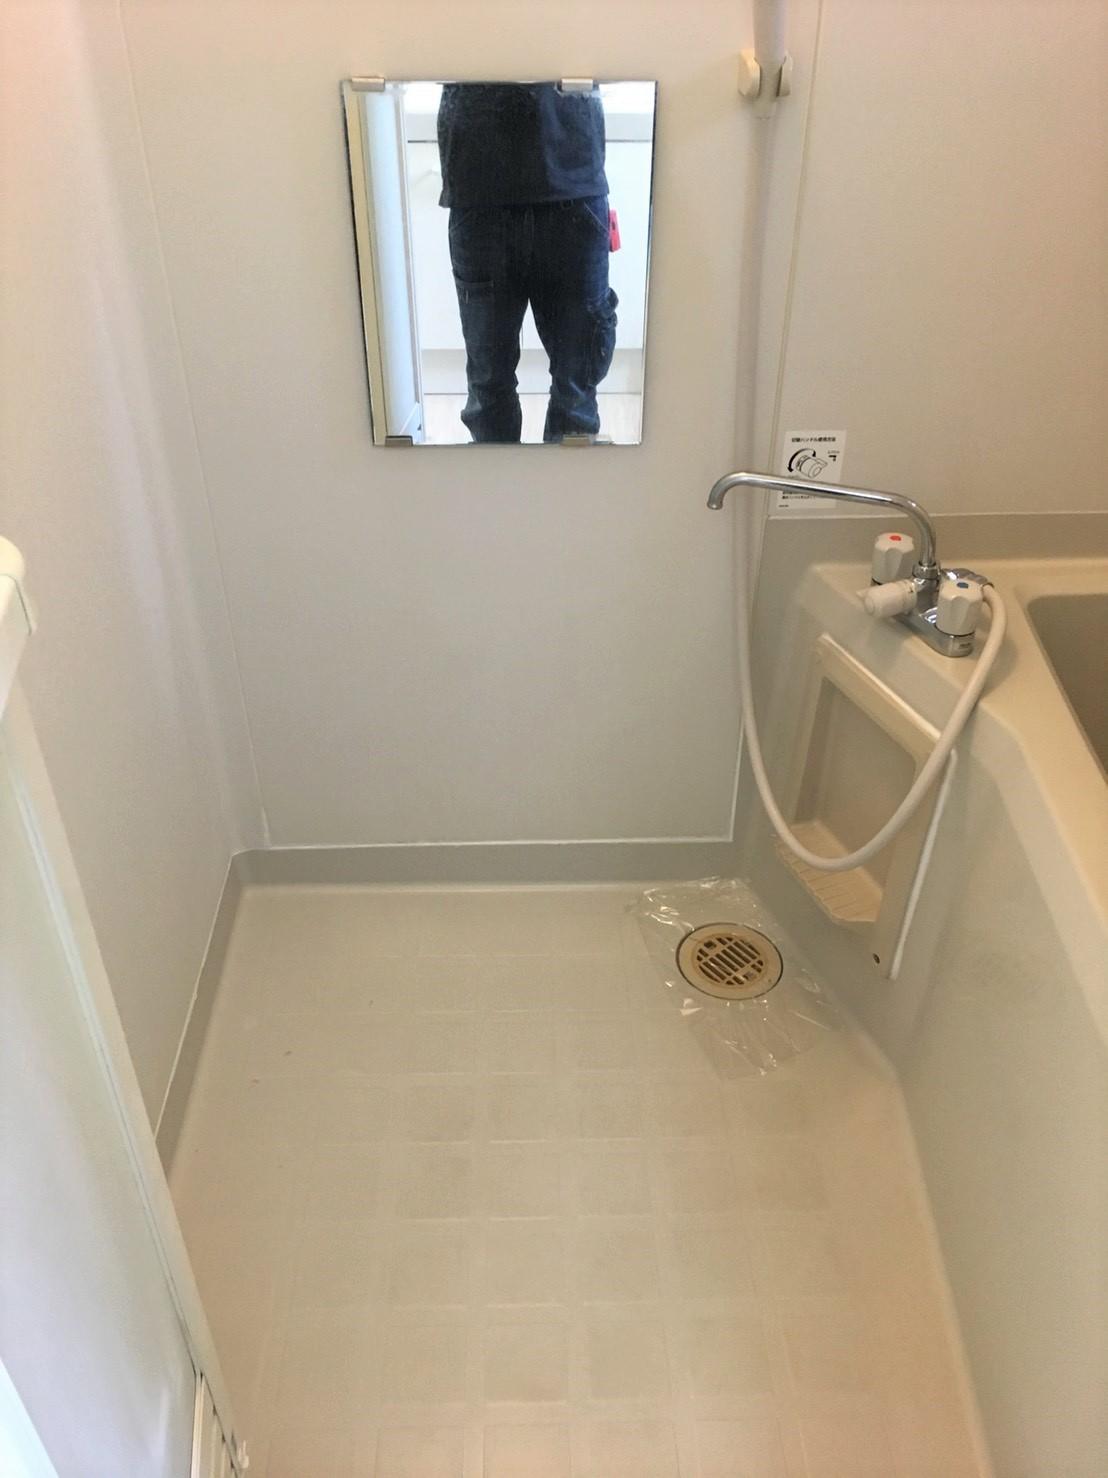 伊丹市・宝塚市・川西市/浴室クリーニング!リピートNO.1!!床面・シャワーホース・鏡・洗い場・排水口・照明、換気扇カバーなどお掃除代行のハウスクリーニングはおそうじプラスまで